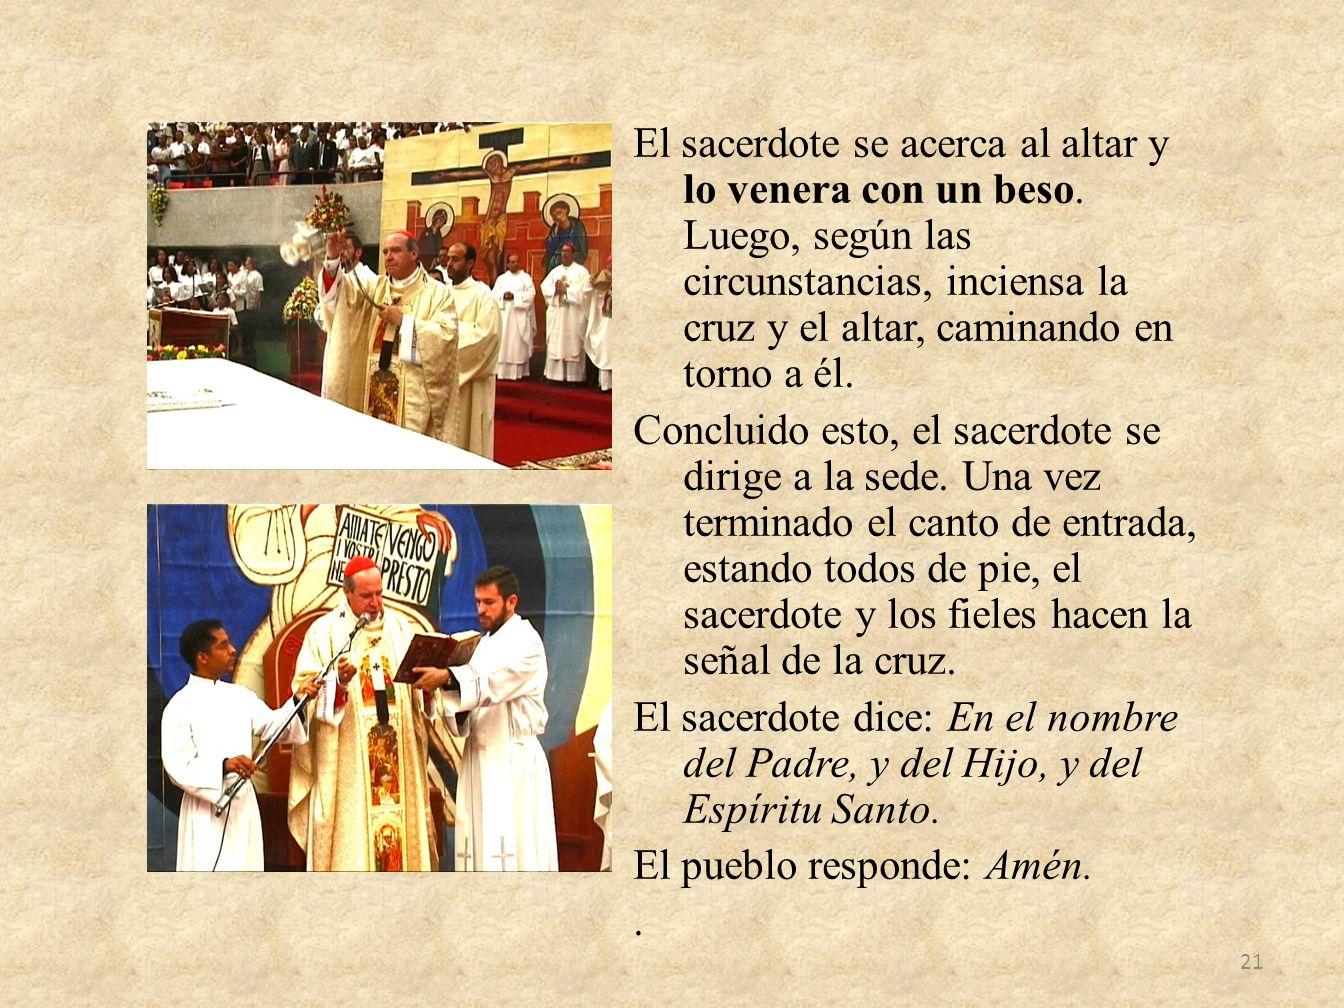 El sacerdote se acerca al altar y lo venera con un beso